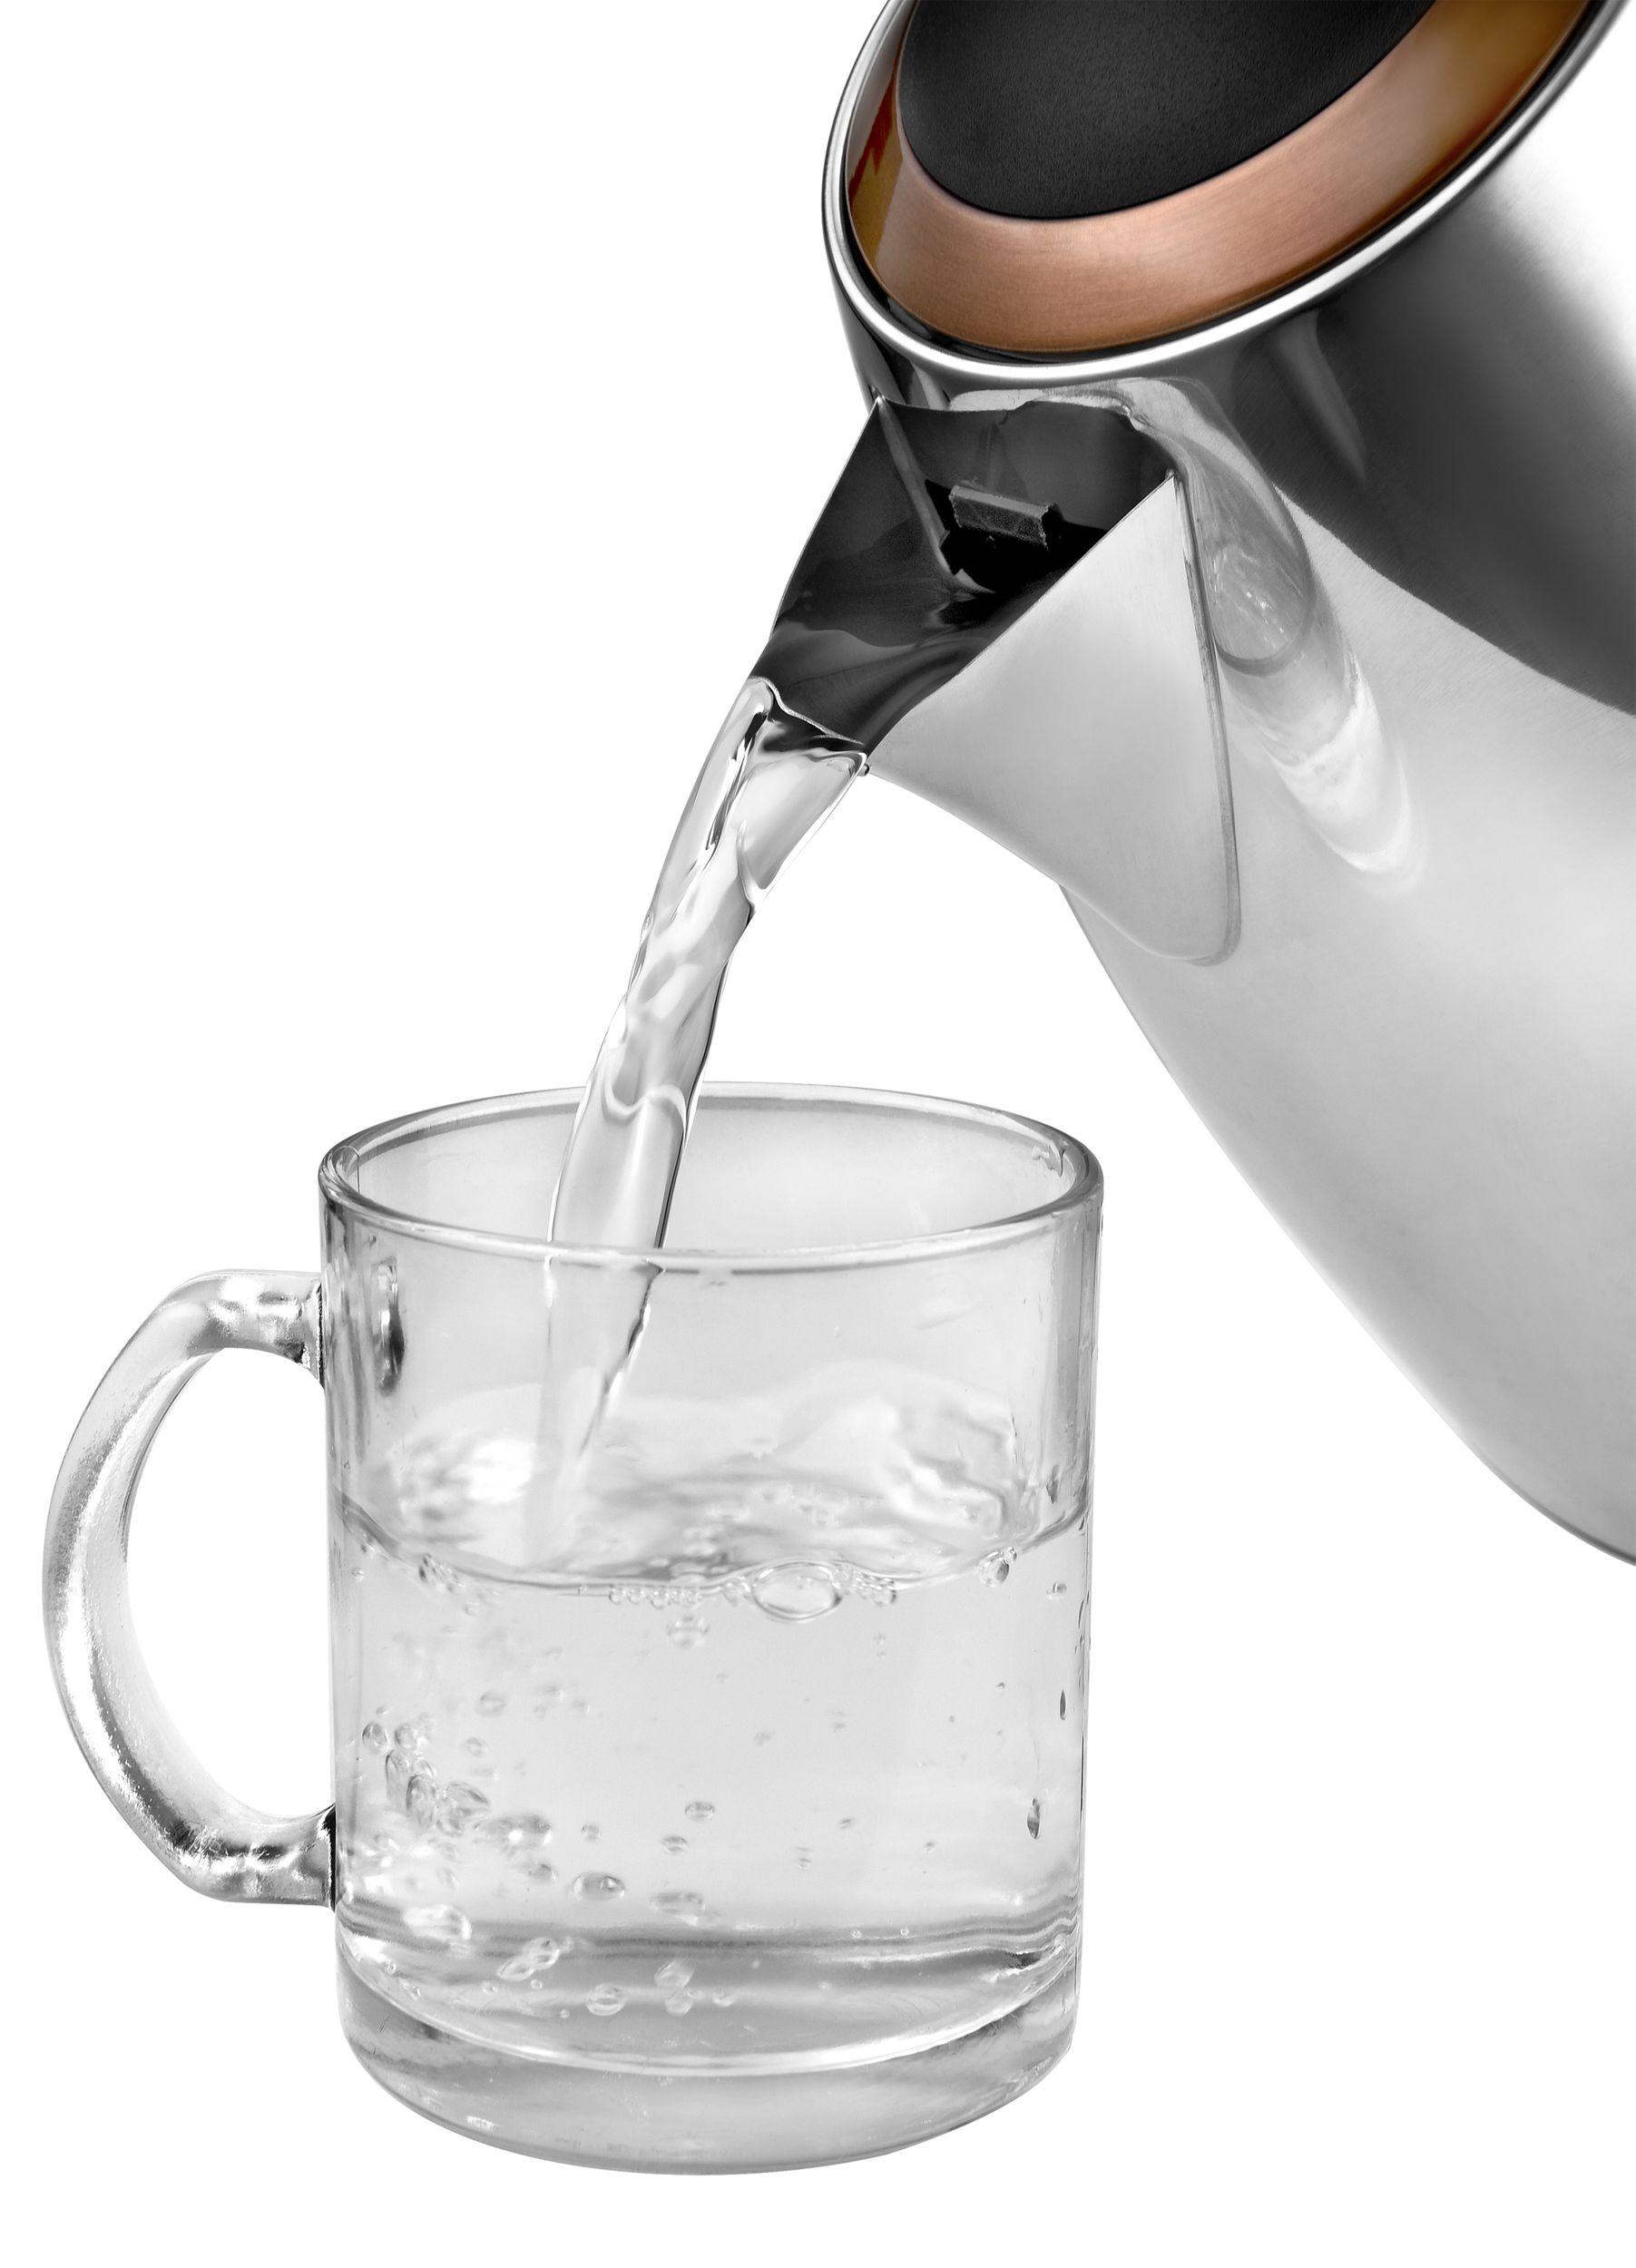 Edelstahl-Wasserkocher 1,7 Liter 3000W copper/kupfer/chrom schnurlos NEU*91981 Bild 6